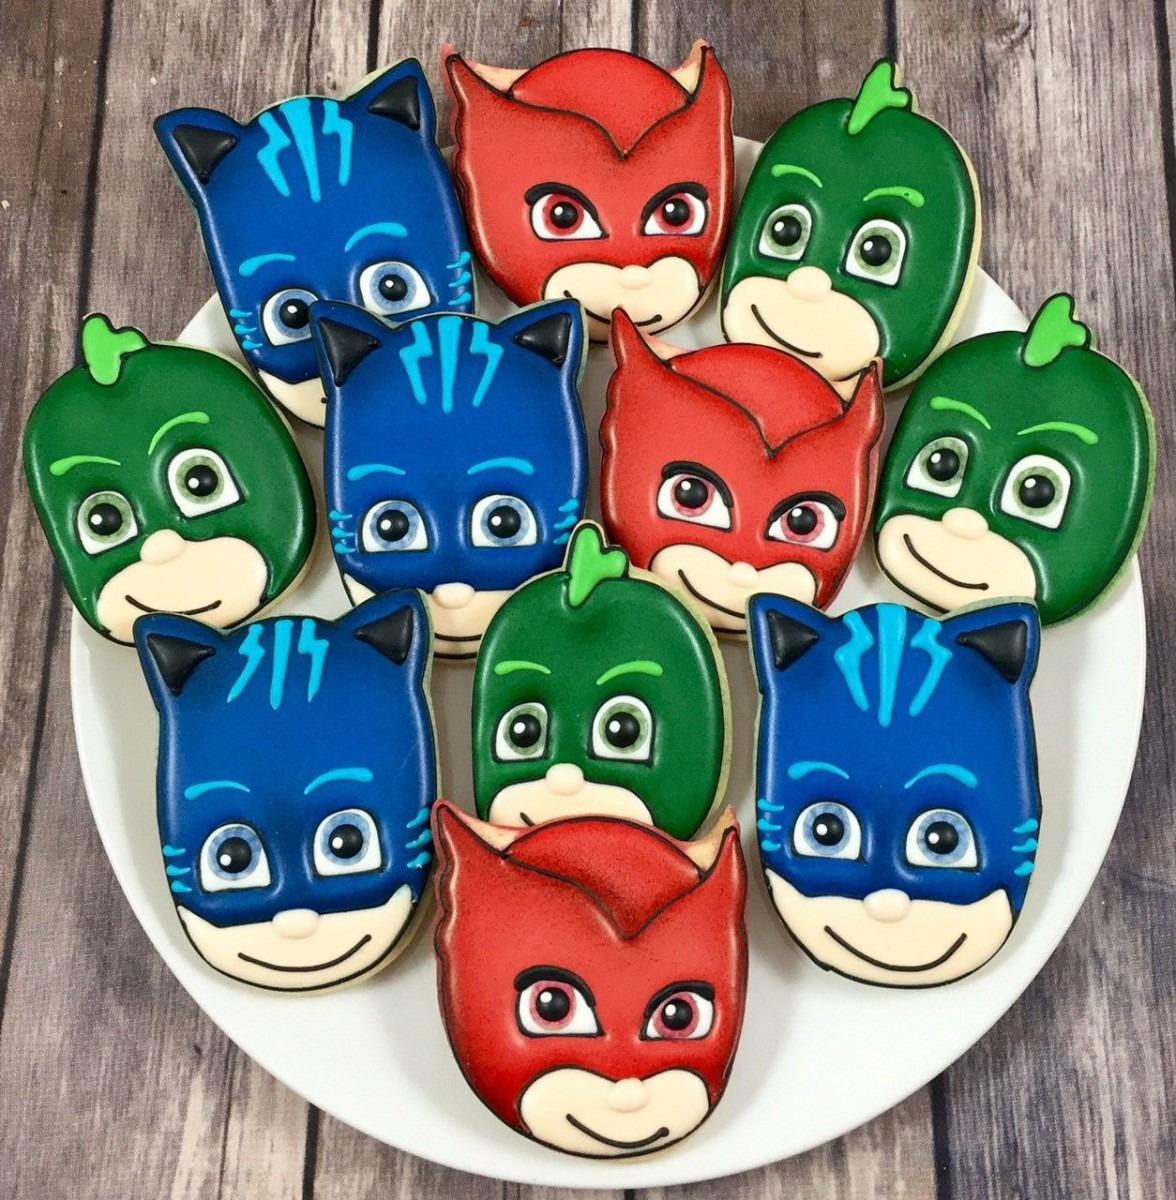 Pj Masks Cookies